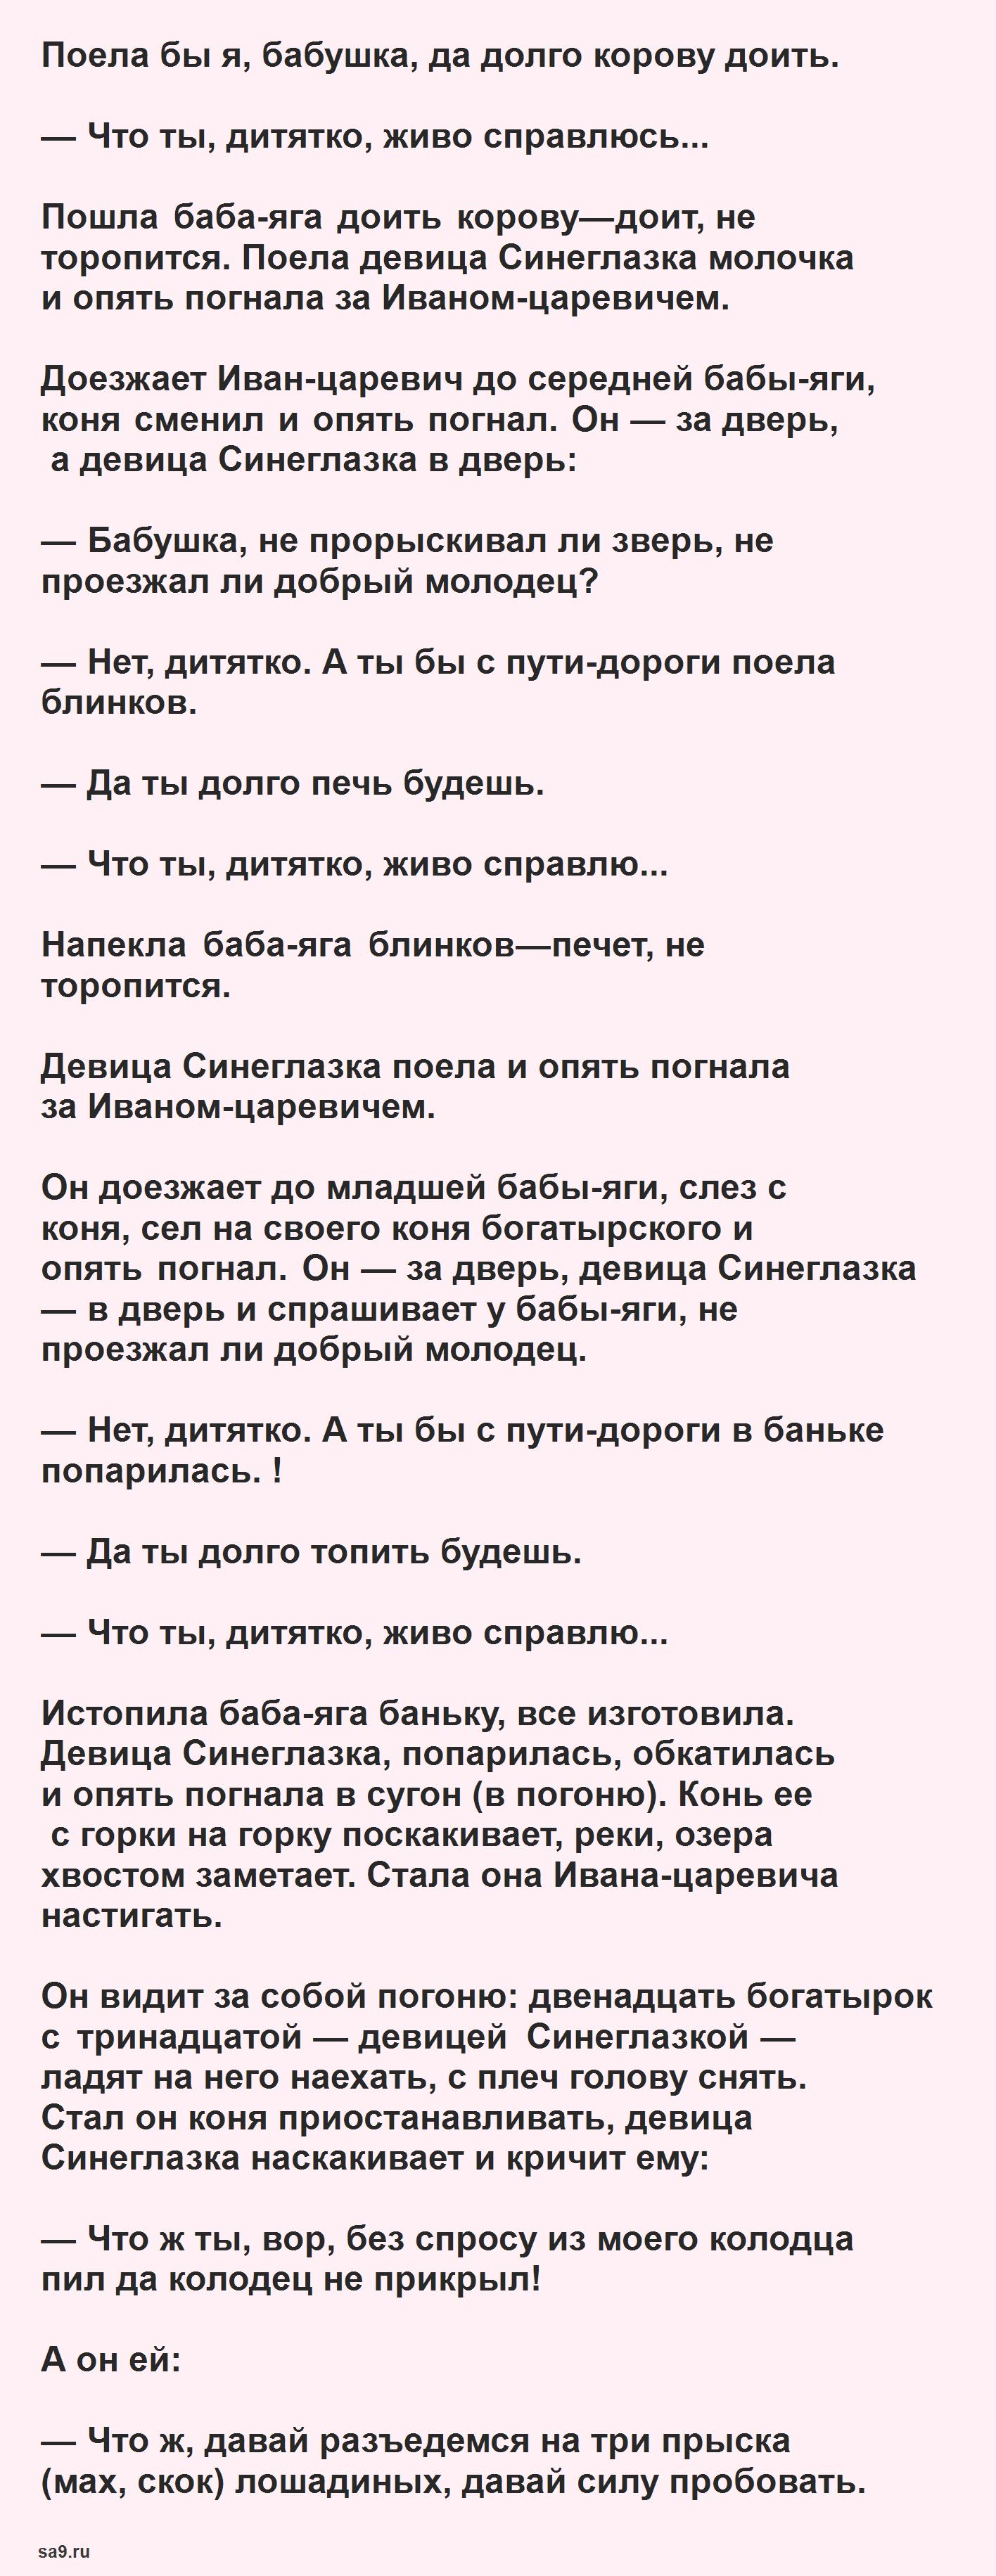 Русская народная сказка - О молодильных яблоках и живой воде, читать онлайн бесплатно